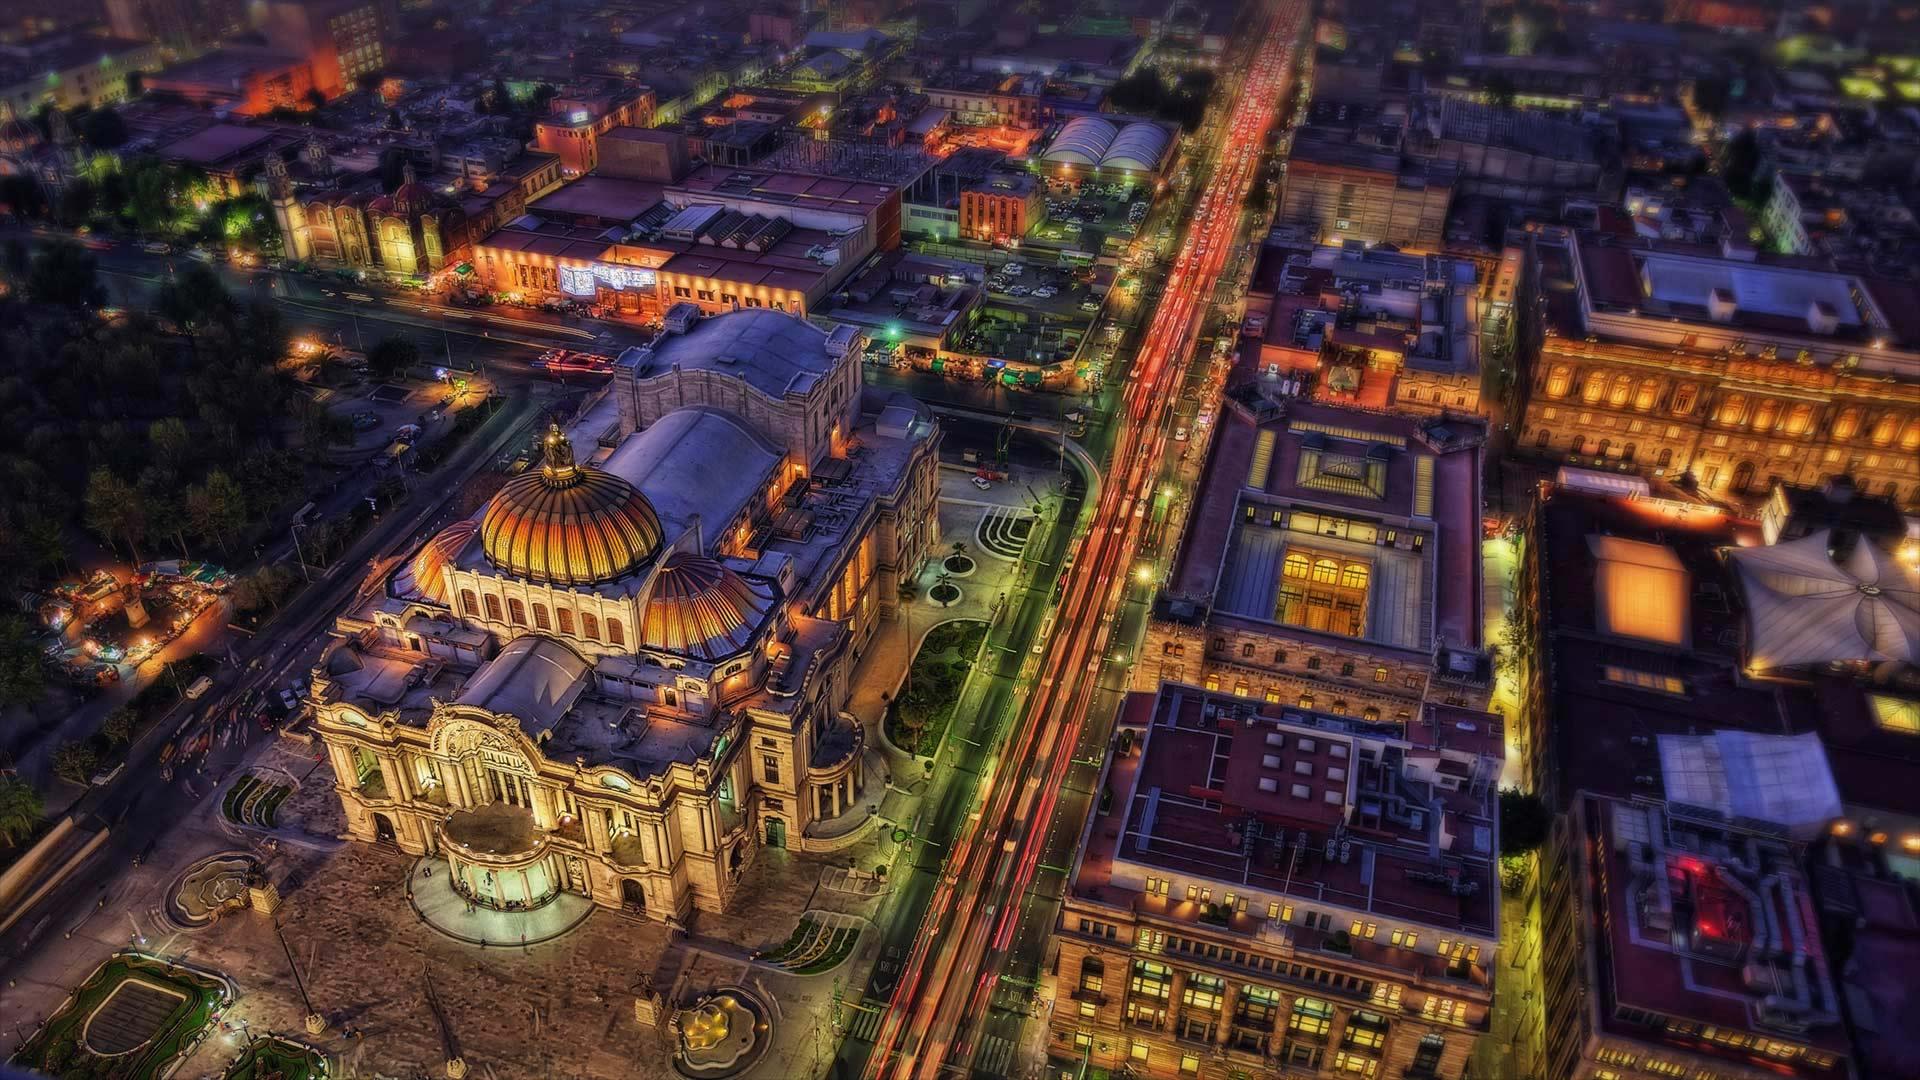 Palacio de Bellas Artes, Mexico City, Mexico (© Lukas Bischoff Photograph/Shutterstock)(Bing United States)